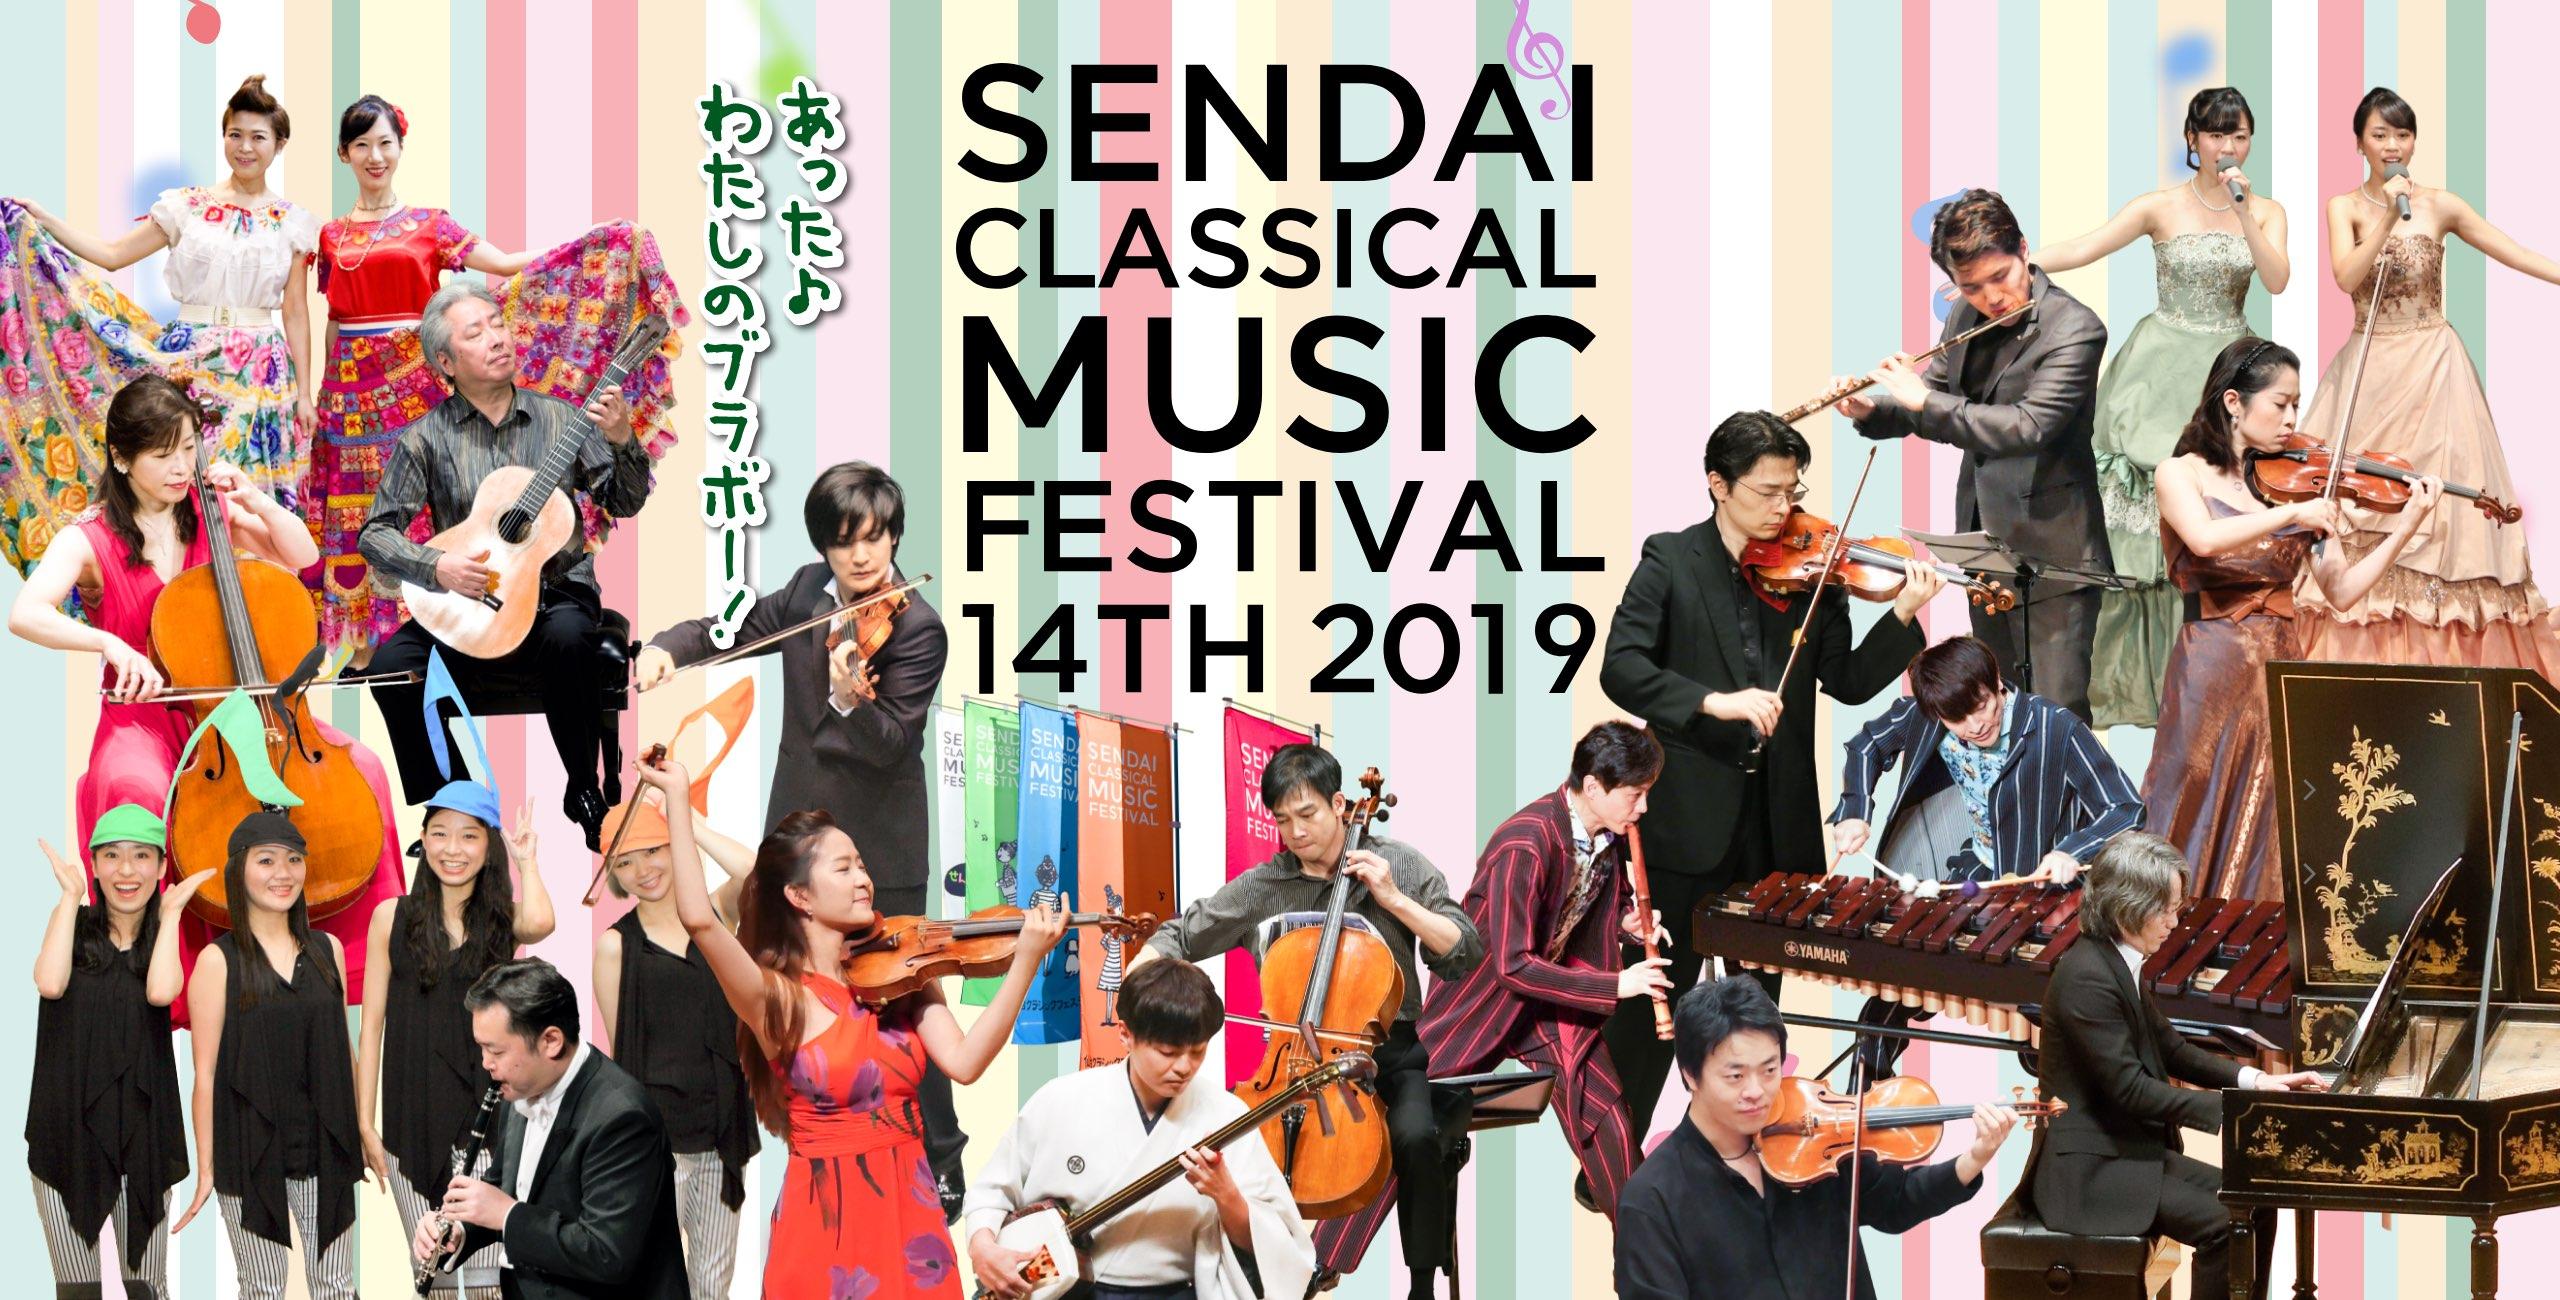 第14回仙台クラシックフェイスティバル2019